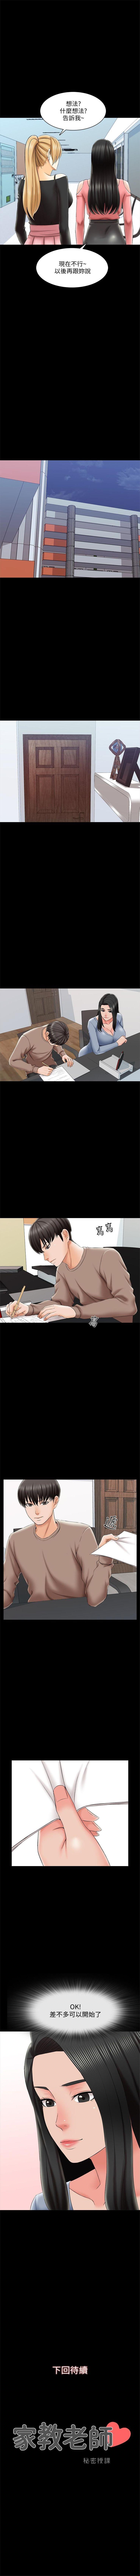 家教老師 1-42 官方中文(連載中) 139